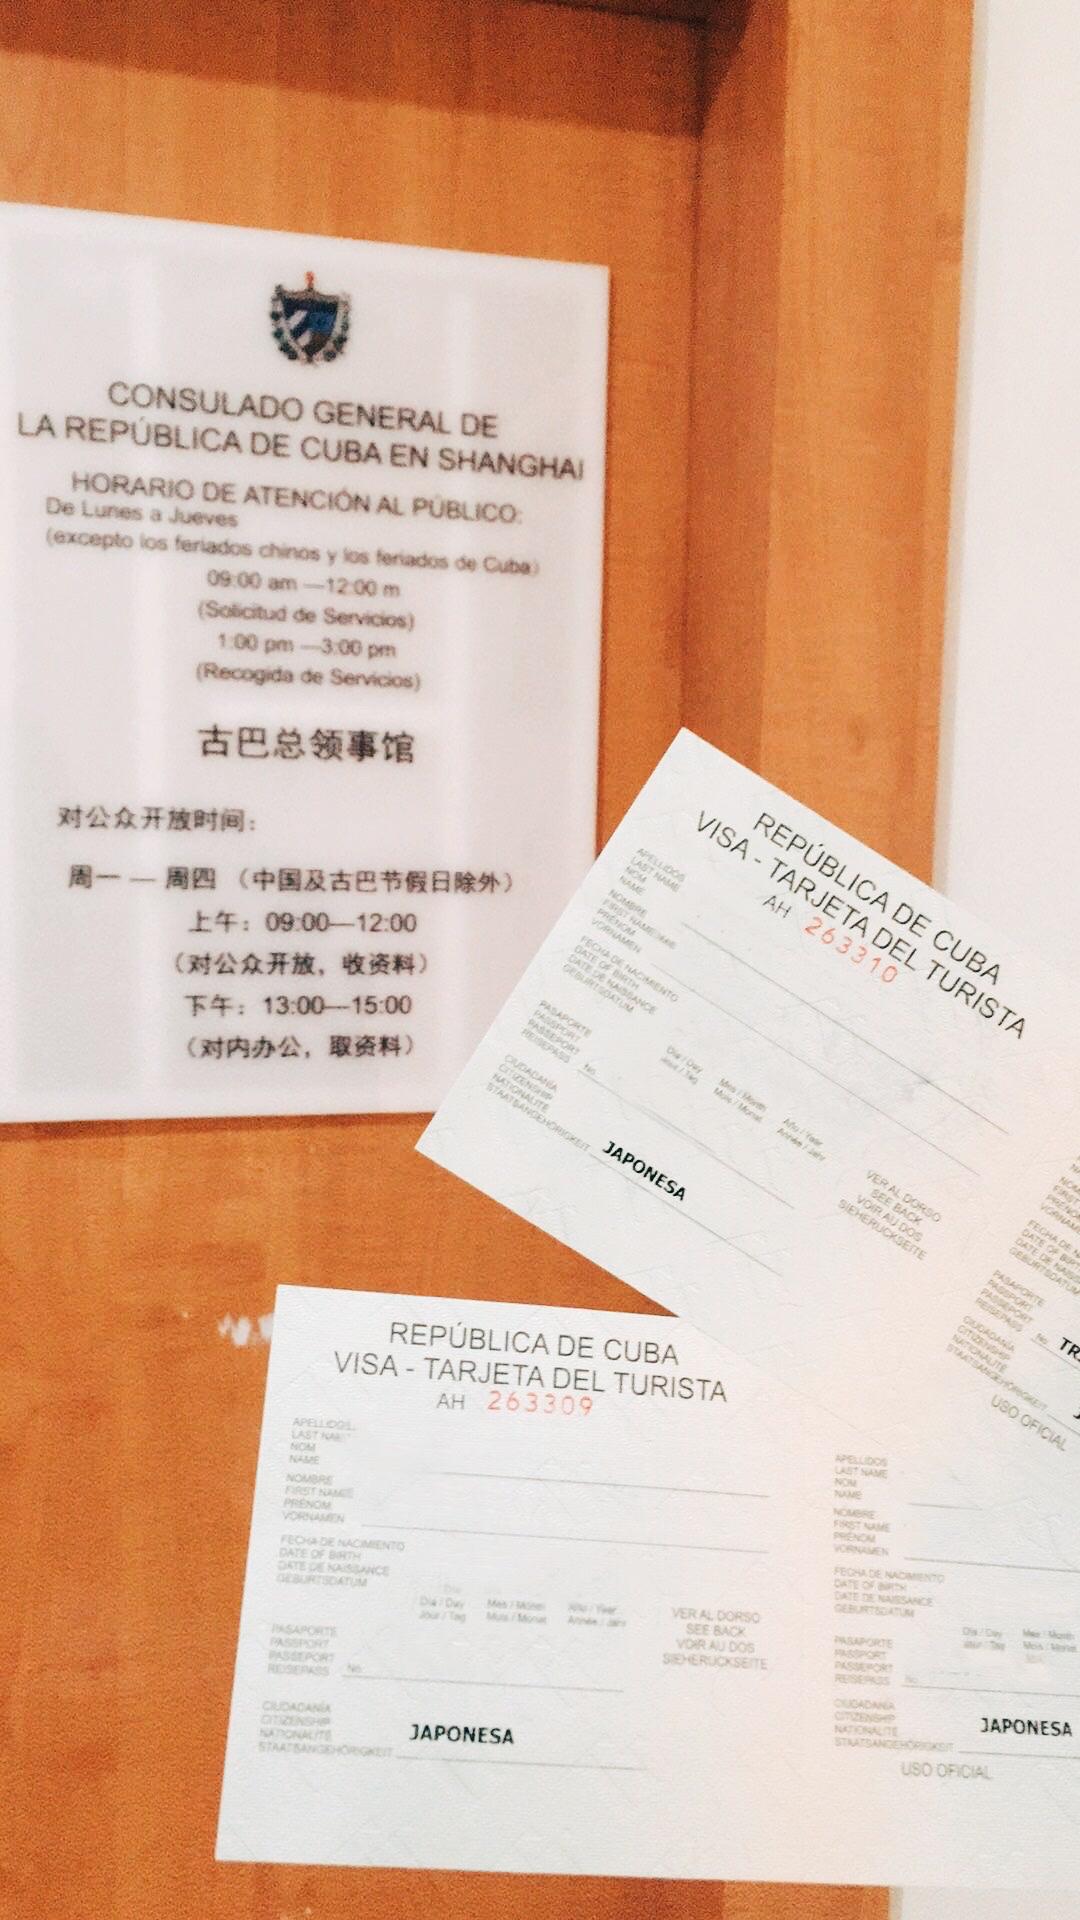 c8095d4f 1a86 498b 9504 cf5fa4c4e74d - Vacation in Cuba - 行くまでが大変?!キューバ旅行のあれこれ